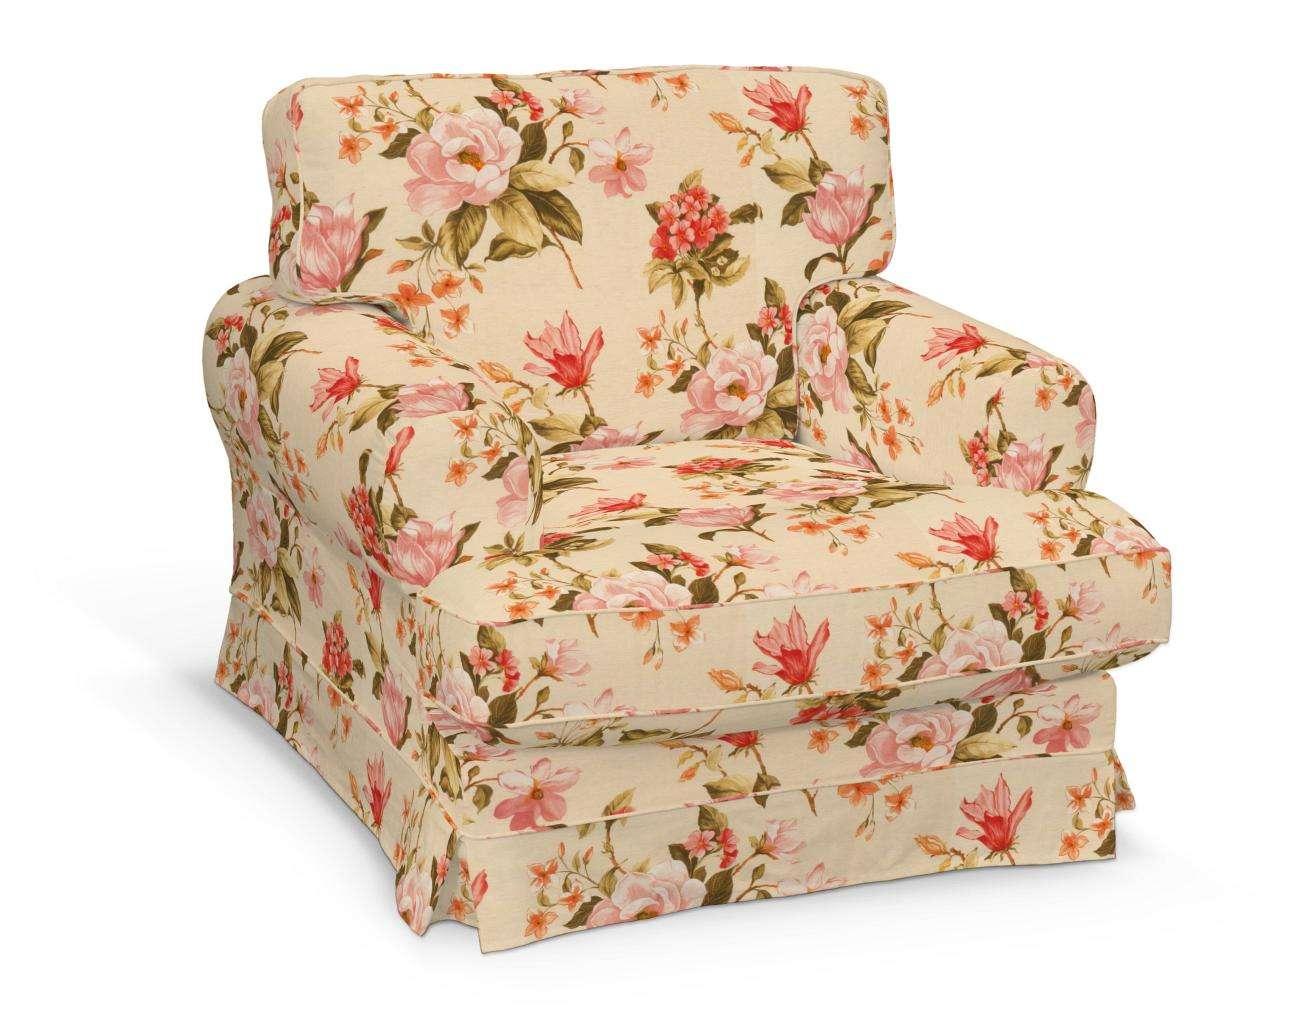 Pokrowiec na fotel Ekeskog Fotel Ekeskog w kolekcji Londres, tkanina: 123-05